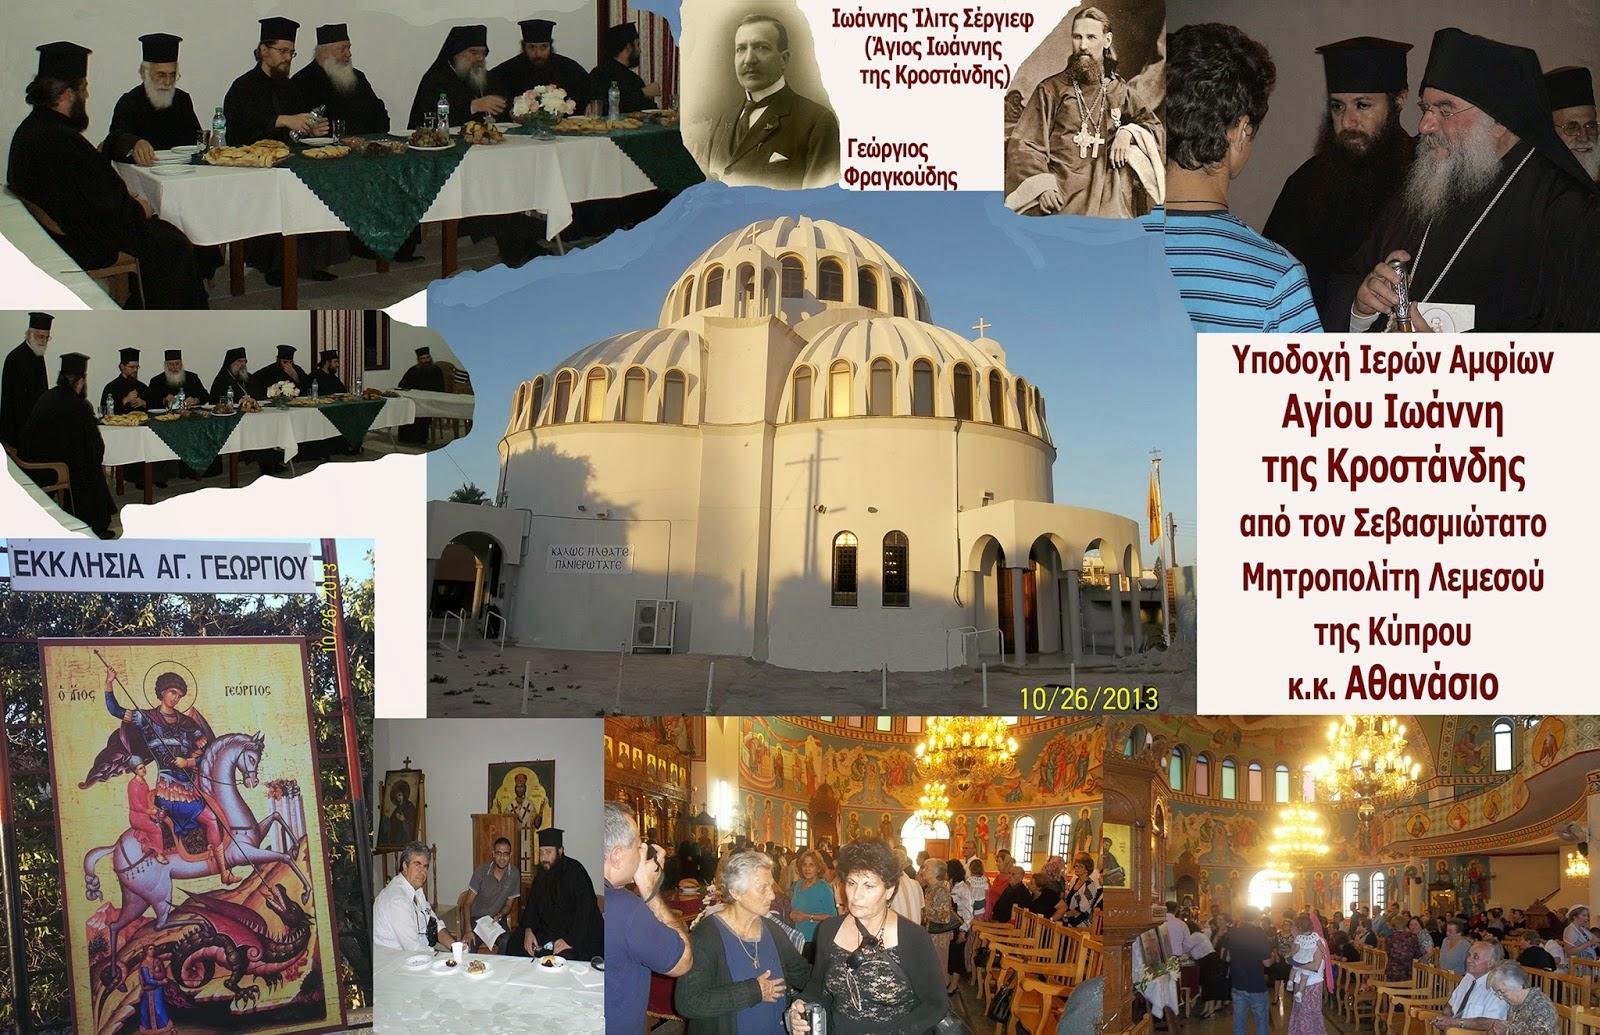 Υποδοχή Ιερών Αμφίων Αγίου Ιωάννη της Κροστάνδης απο τον Πανιερωτατον Μητροπολιτη κ.κ.Αθανάσιο